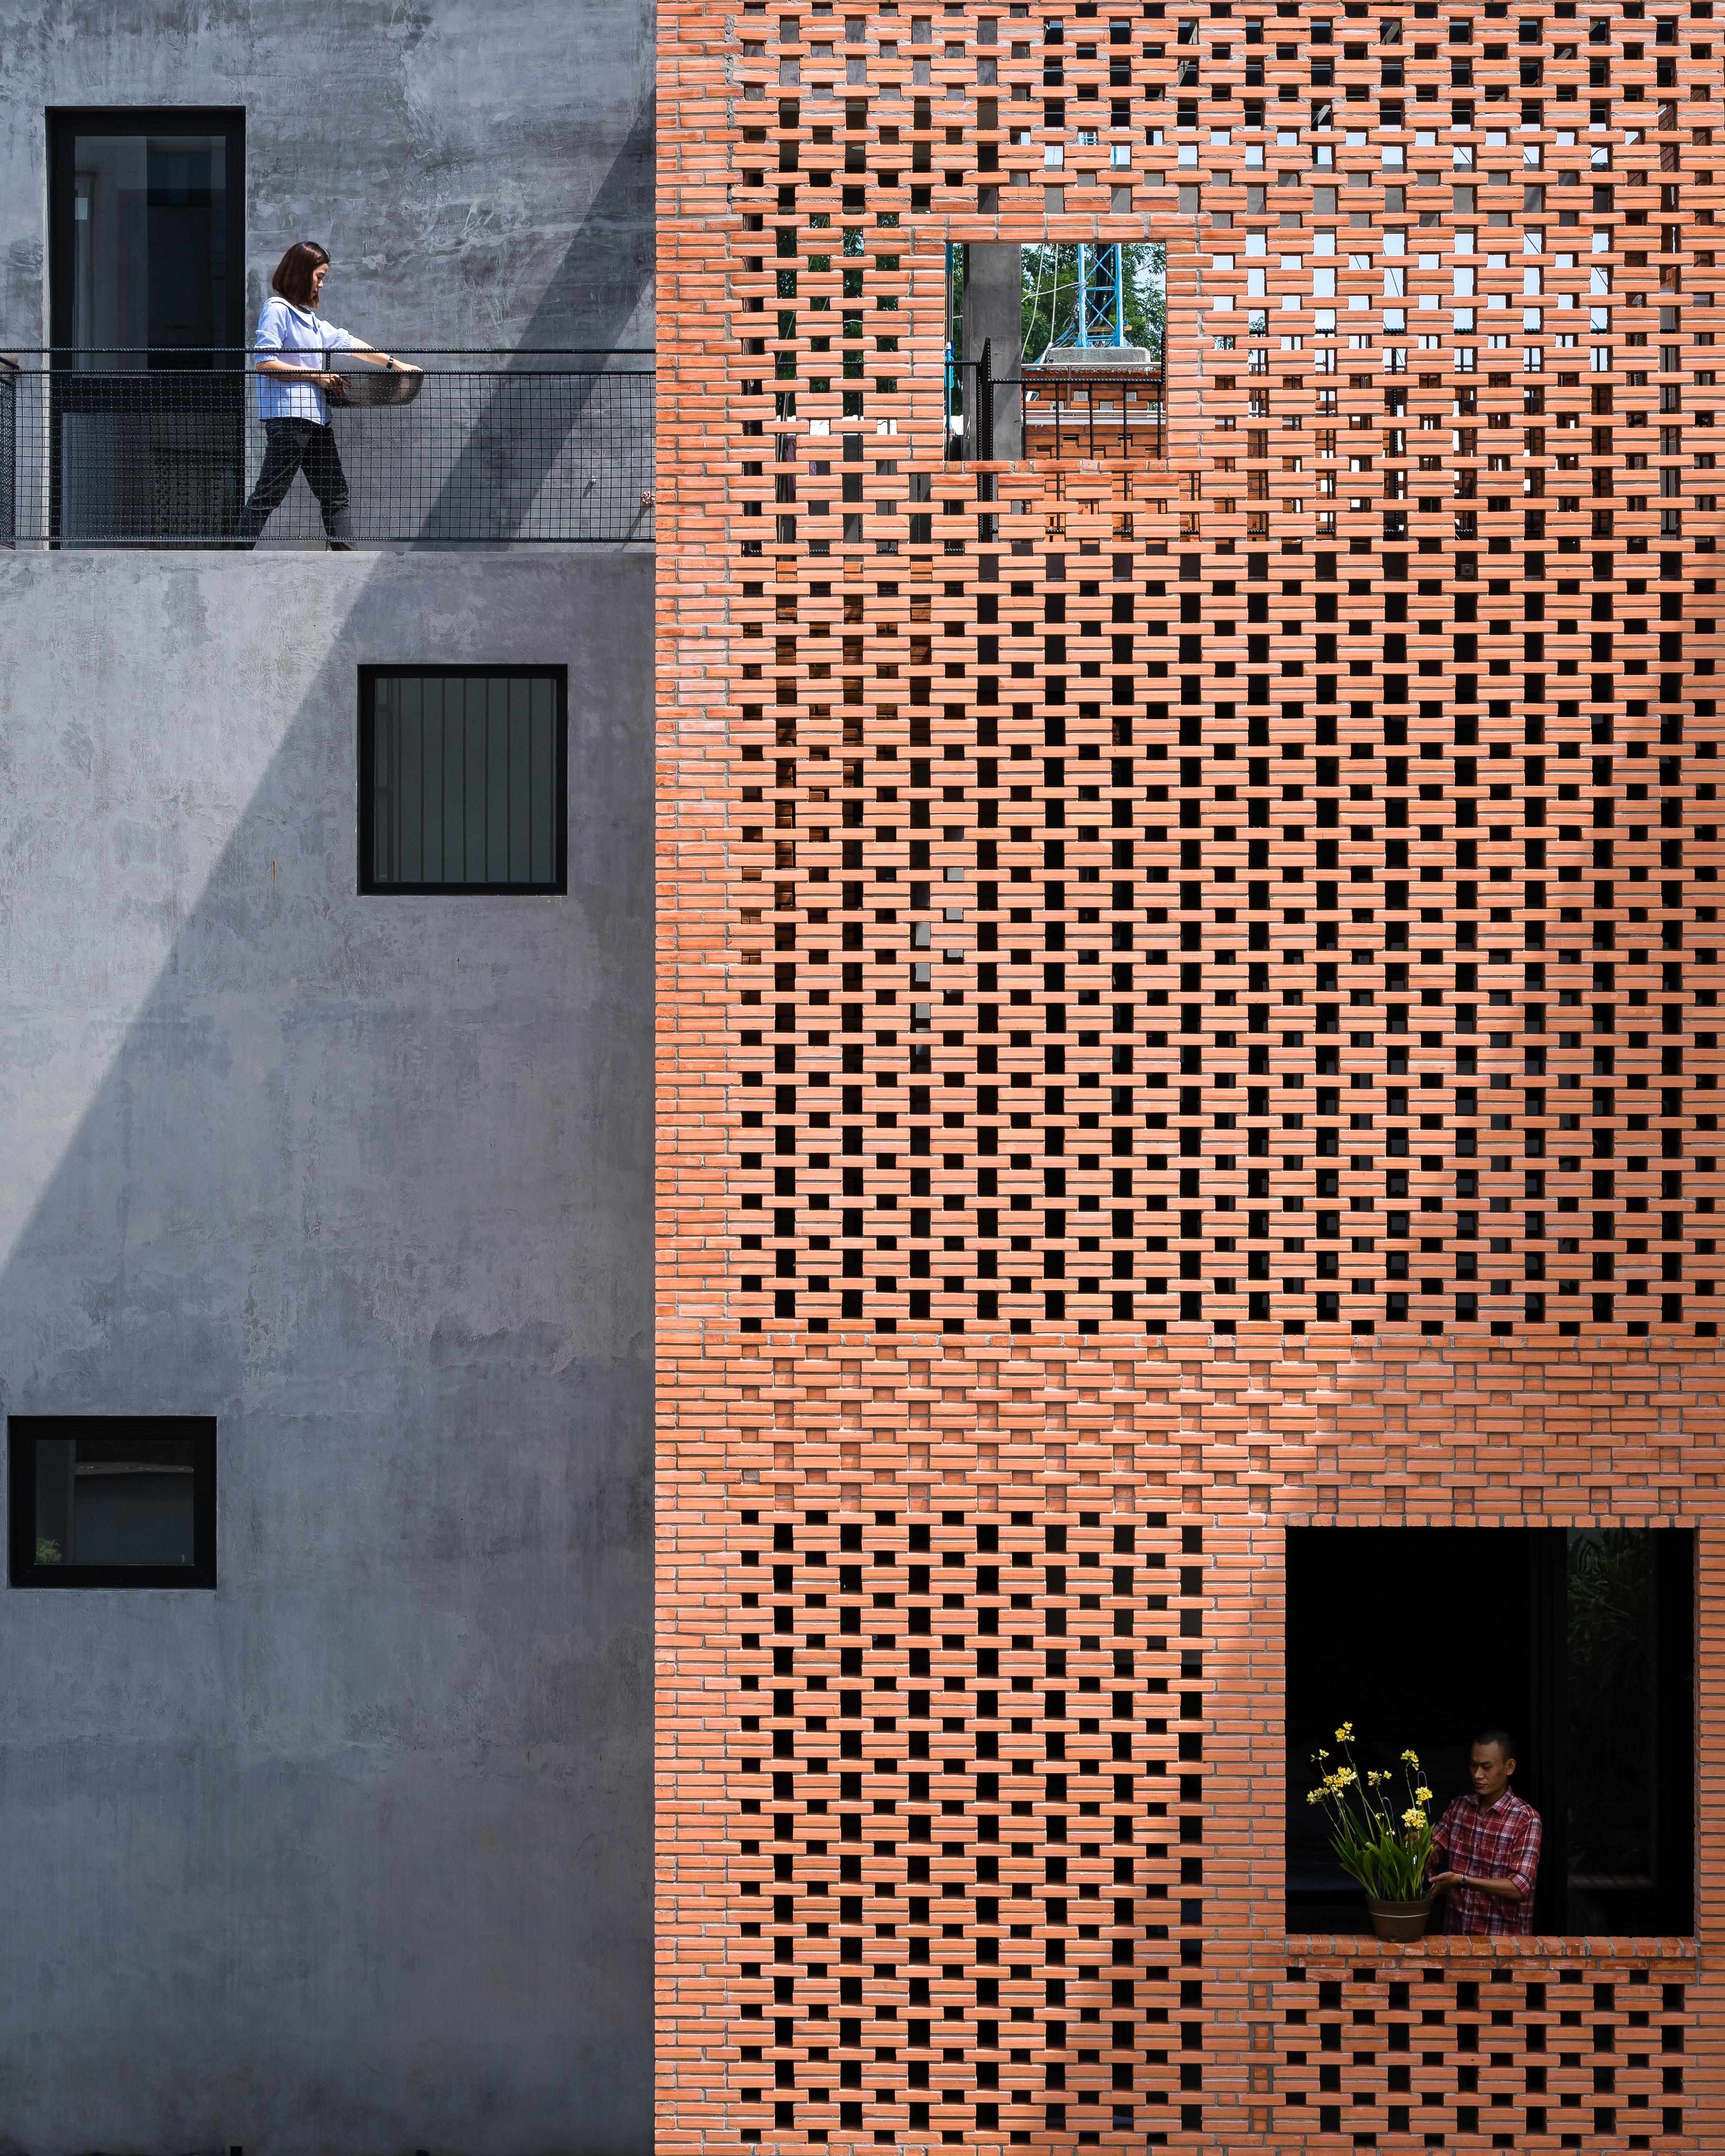 Arquitetura moderna no Vietnã.